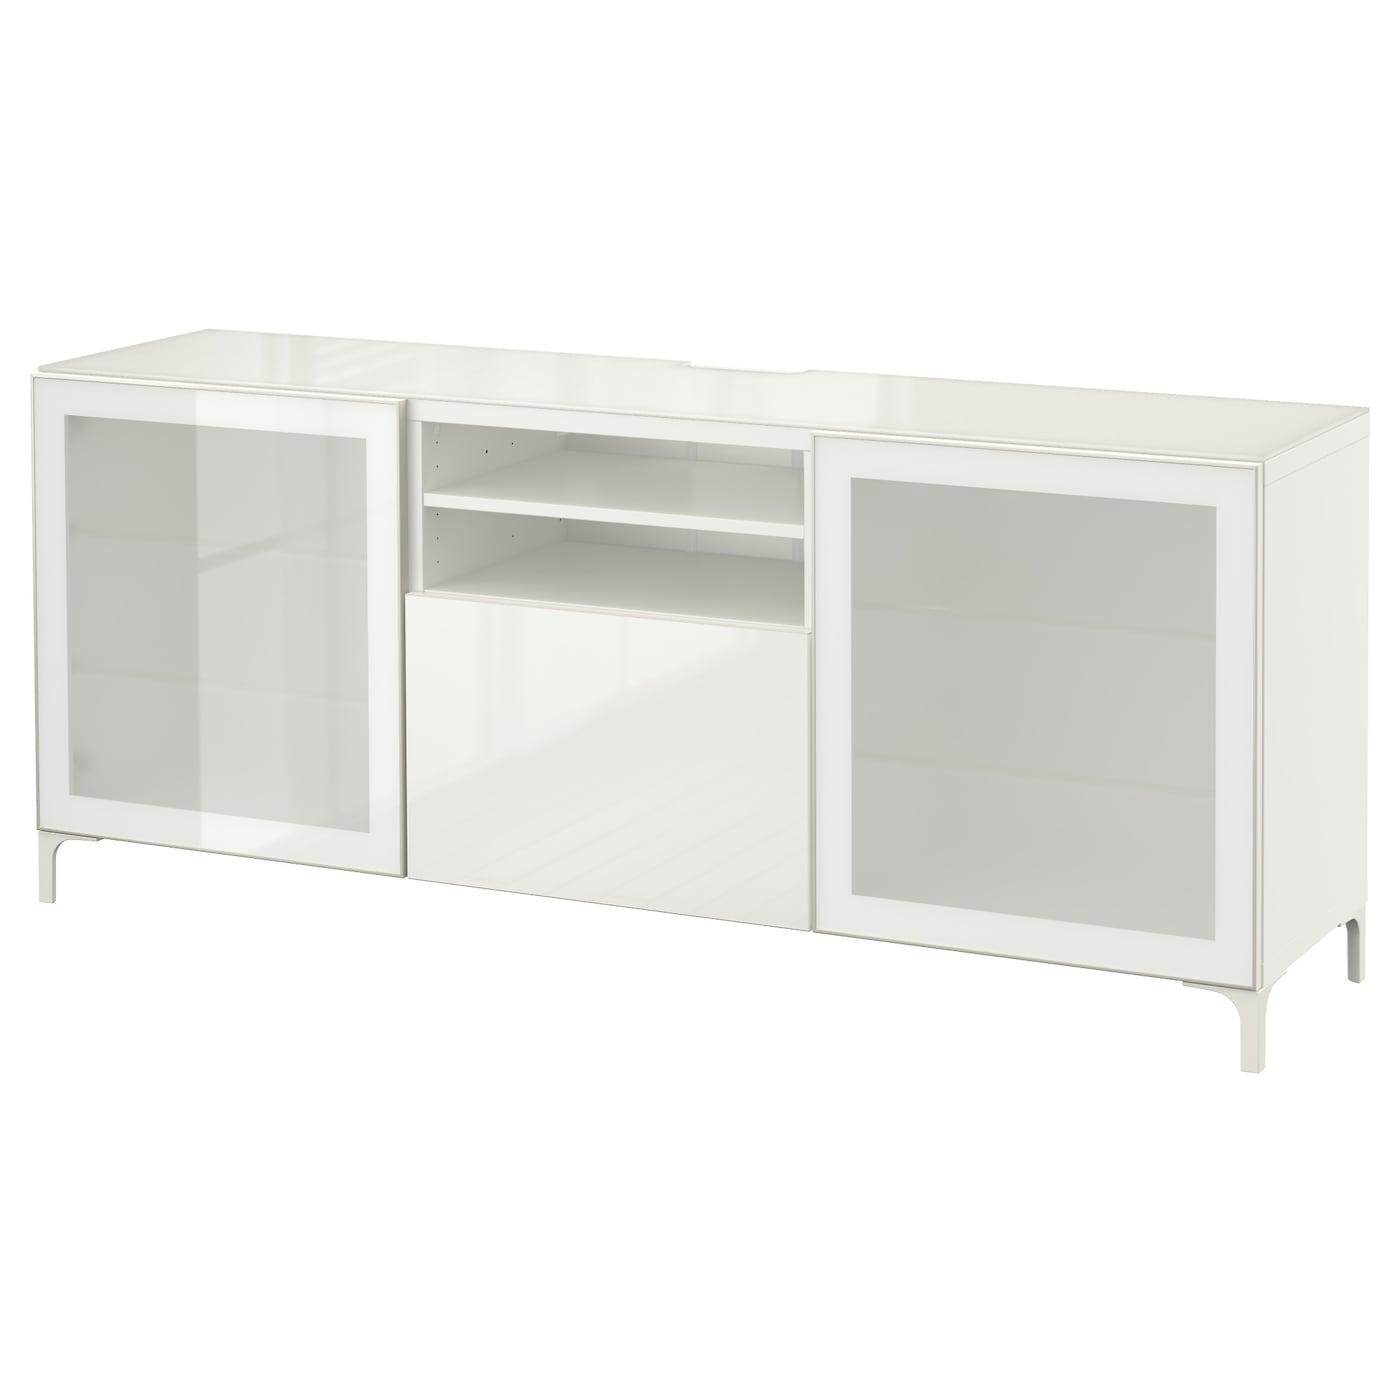 IKEA BESTÅ Szafka pod TV, biały, Selsviken wysoki połysk biały szkło matowe, 180x40x74 cm